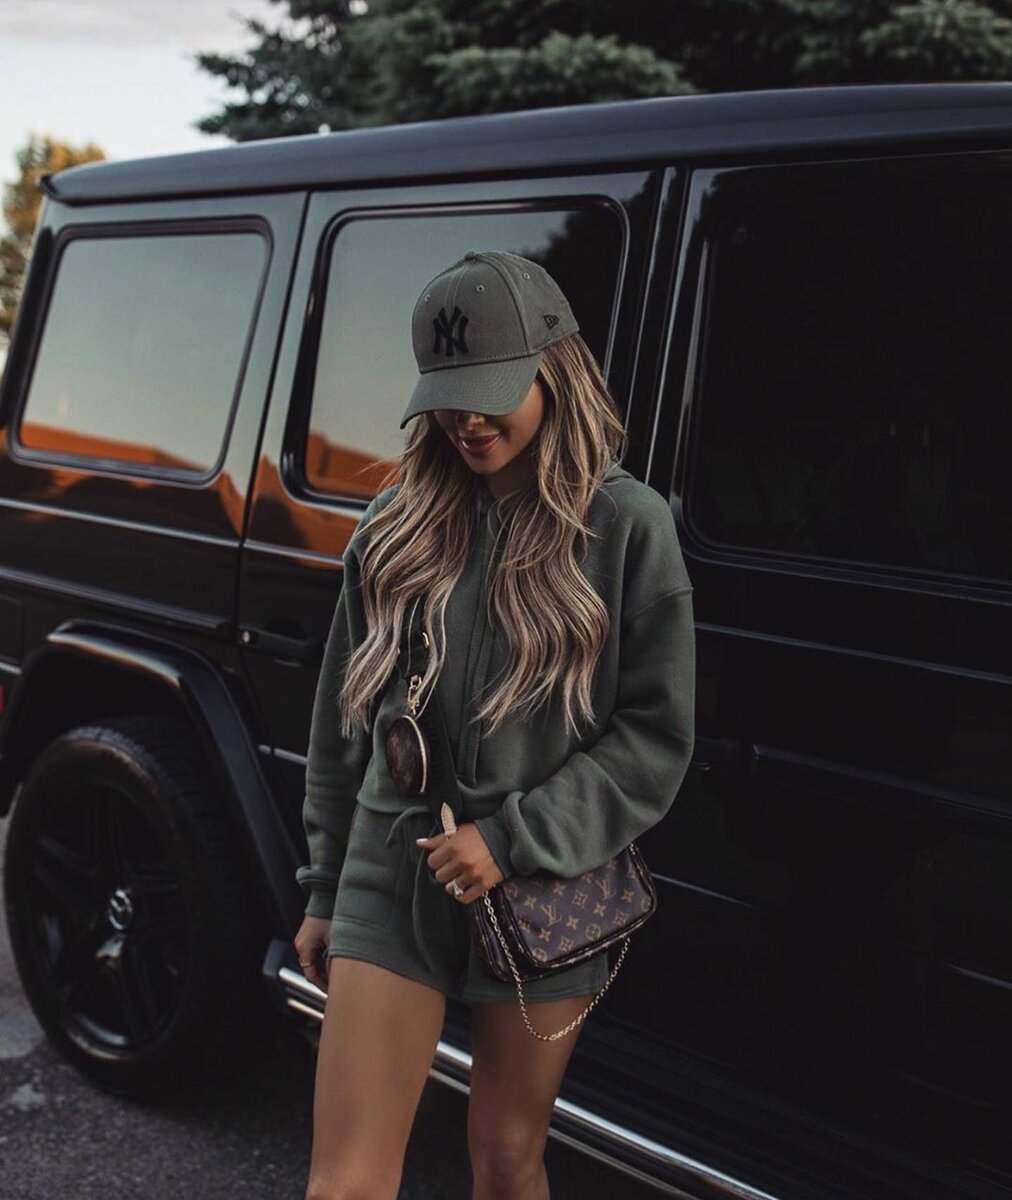 Модная спортивная одежда 2020: комфорт, легкость и 16 стильных образов